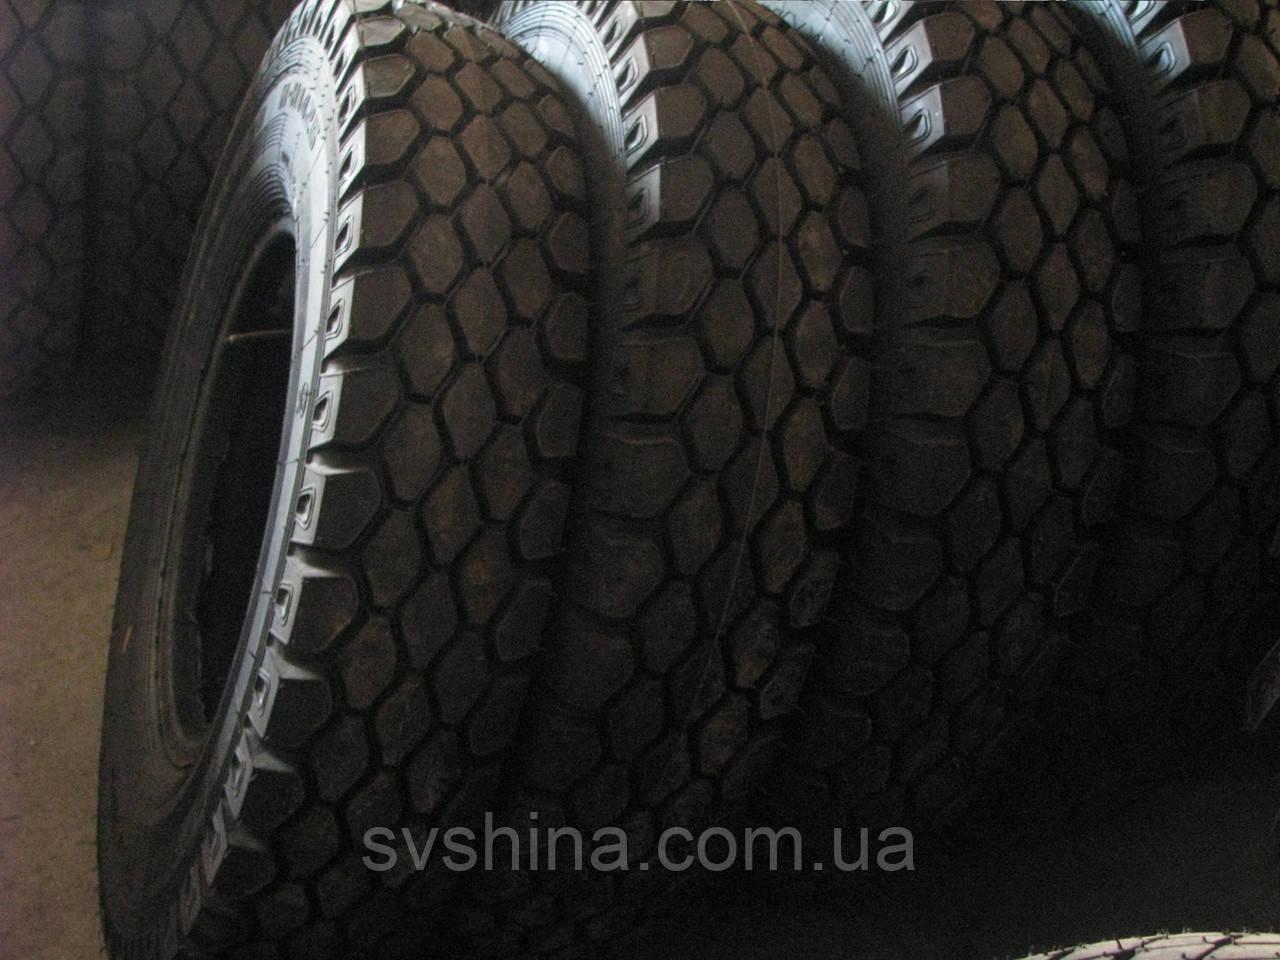 Вантажні шини 9.00R20 (260R508) Росава І-Н142Б 12 н. с.